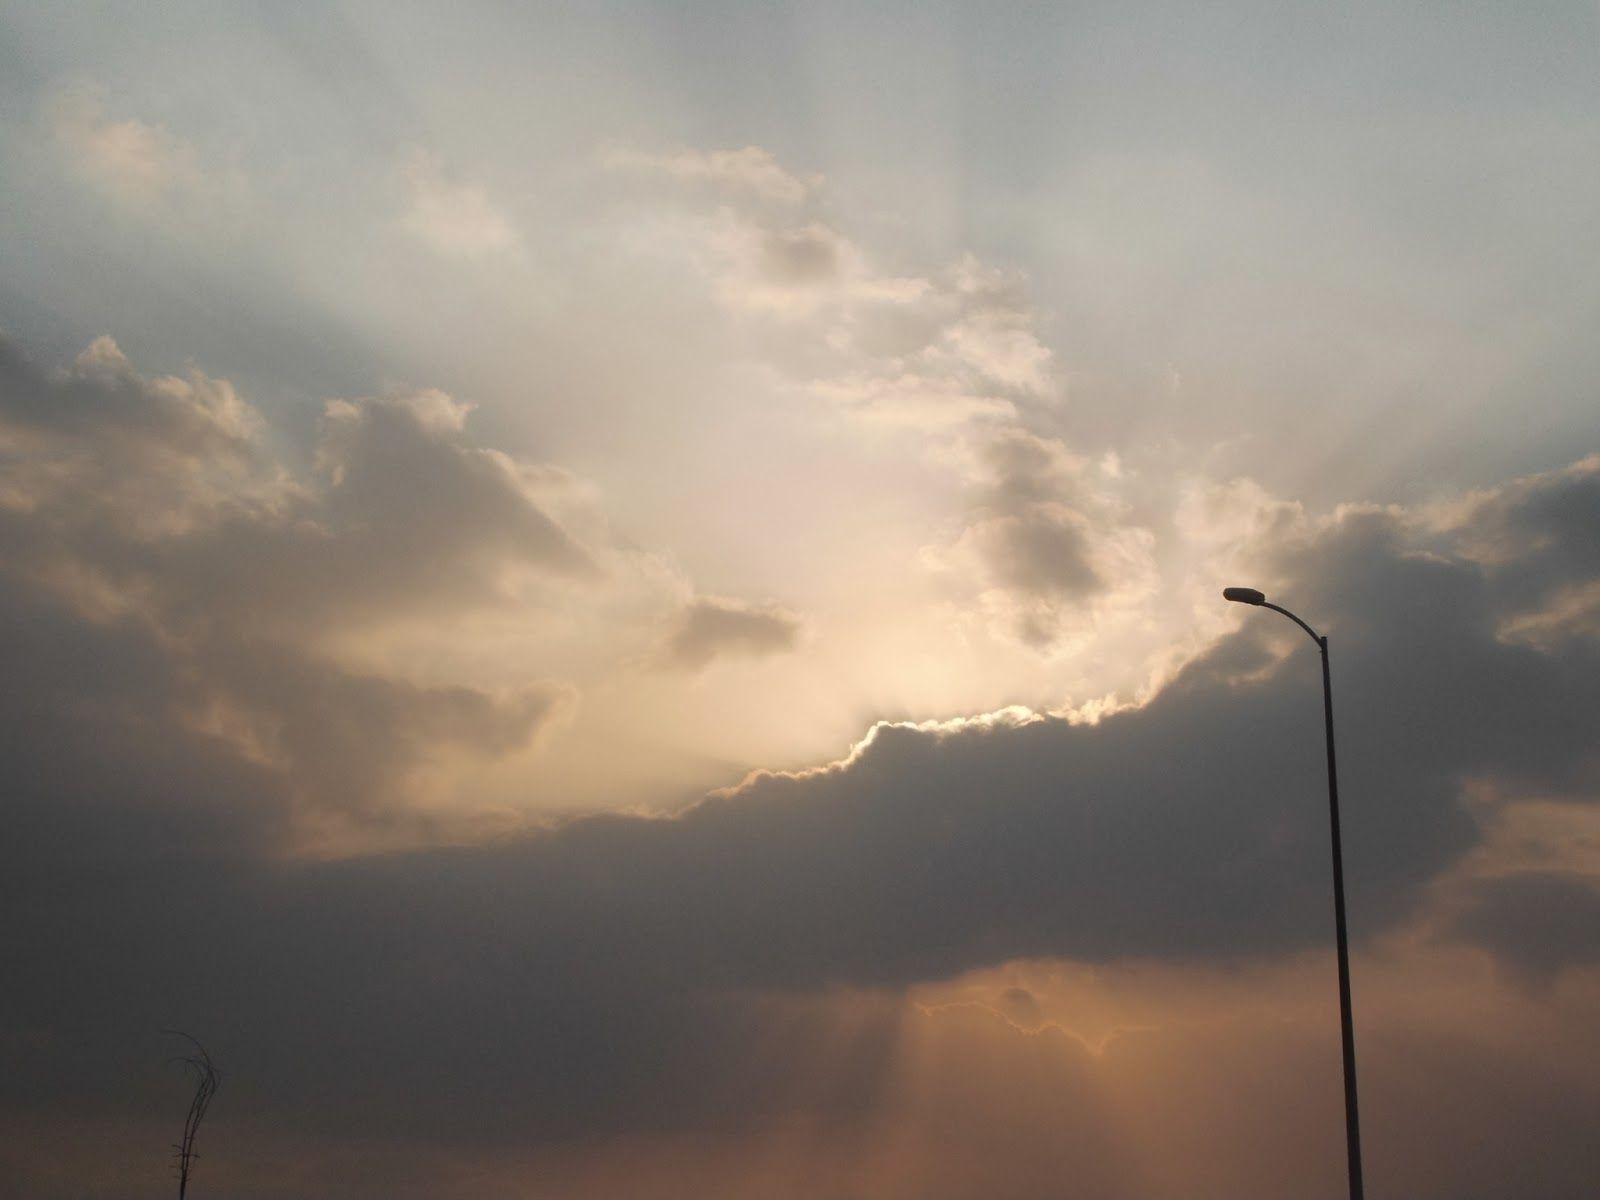 صور شفق وغروب للتصميم Clouds Outdoor Blog Posts